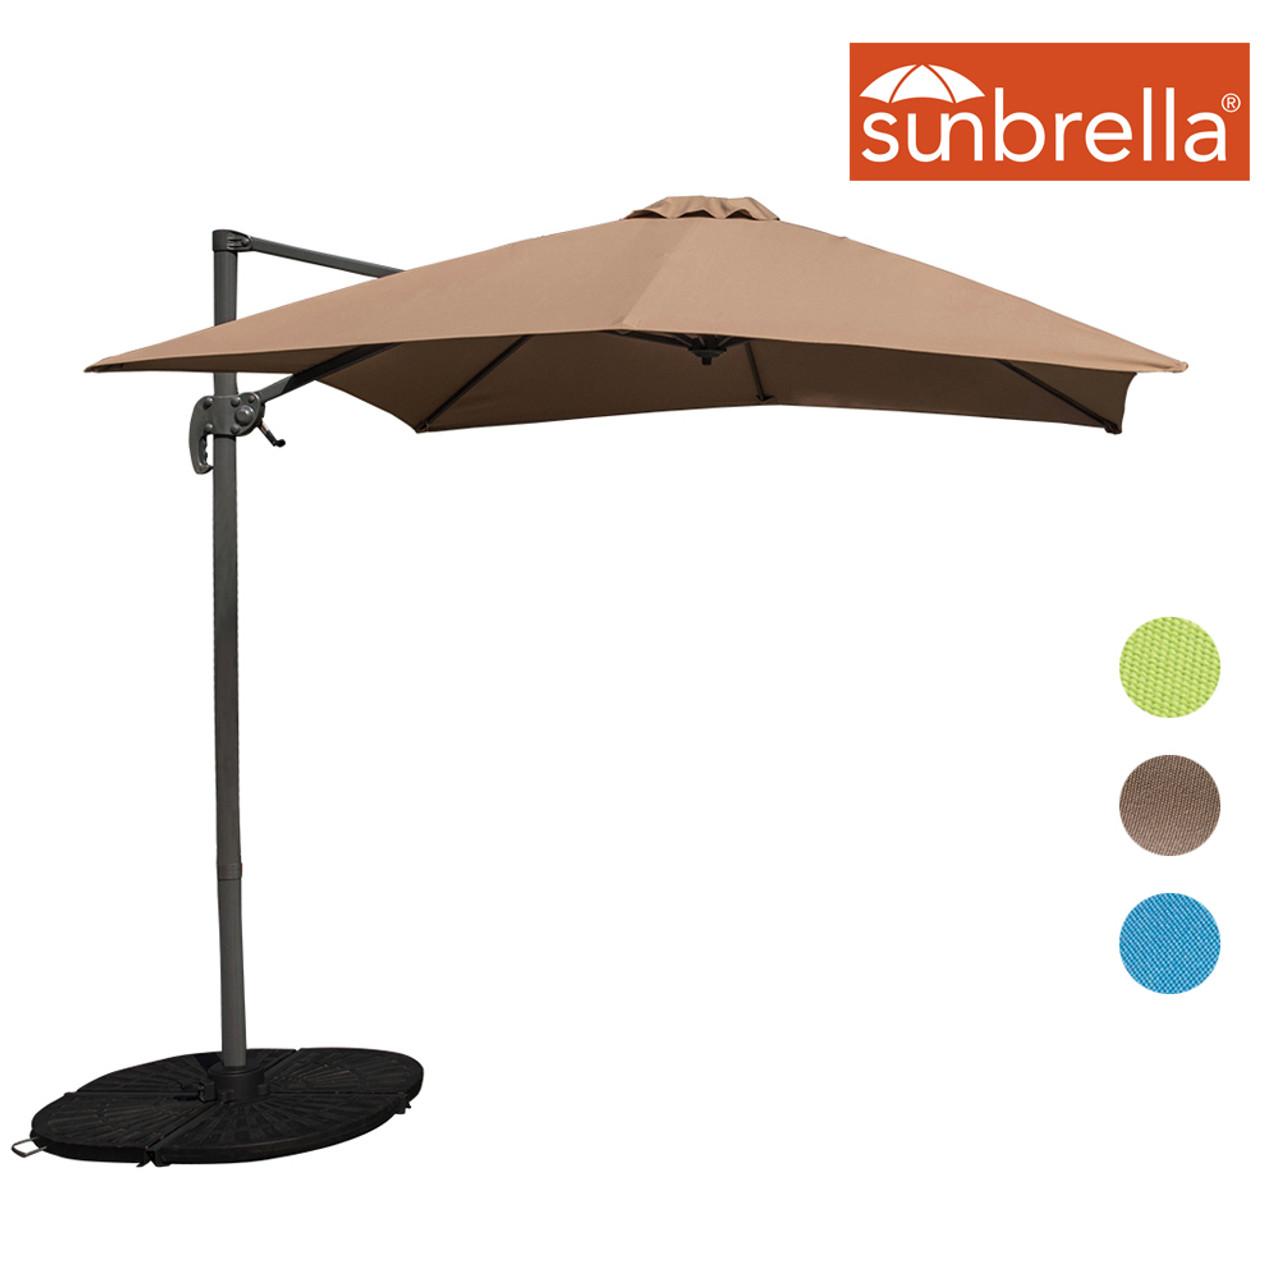 Sundale Outdoor 8.2ft Square Sunbrella® Fabric Offset Hanging Umbrella  Market Patio Umbrella Aluminum Cantilever